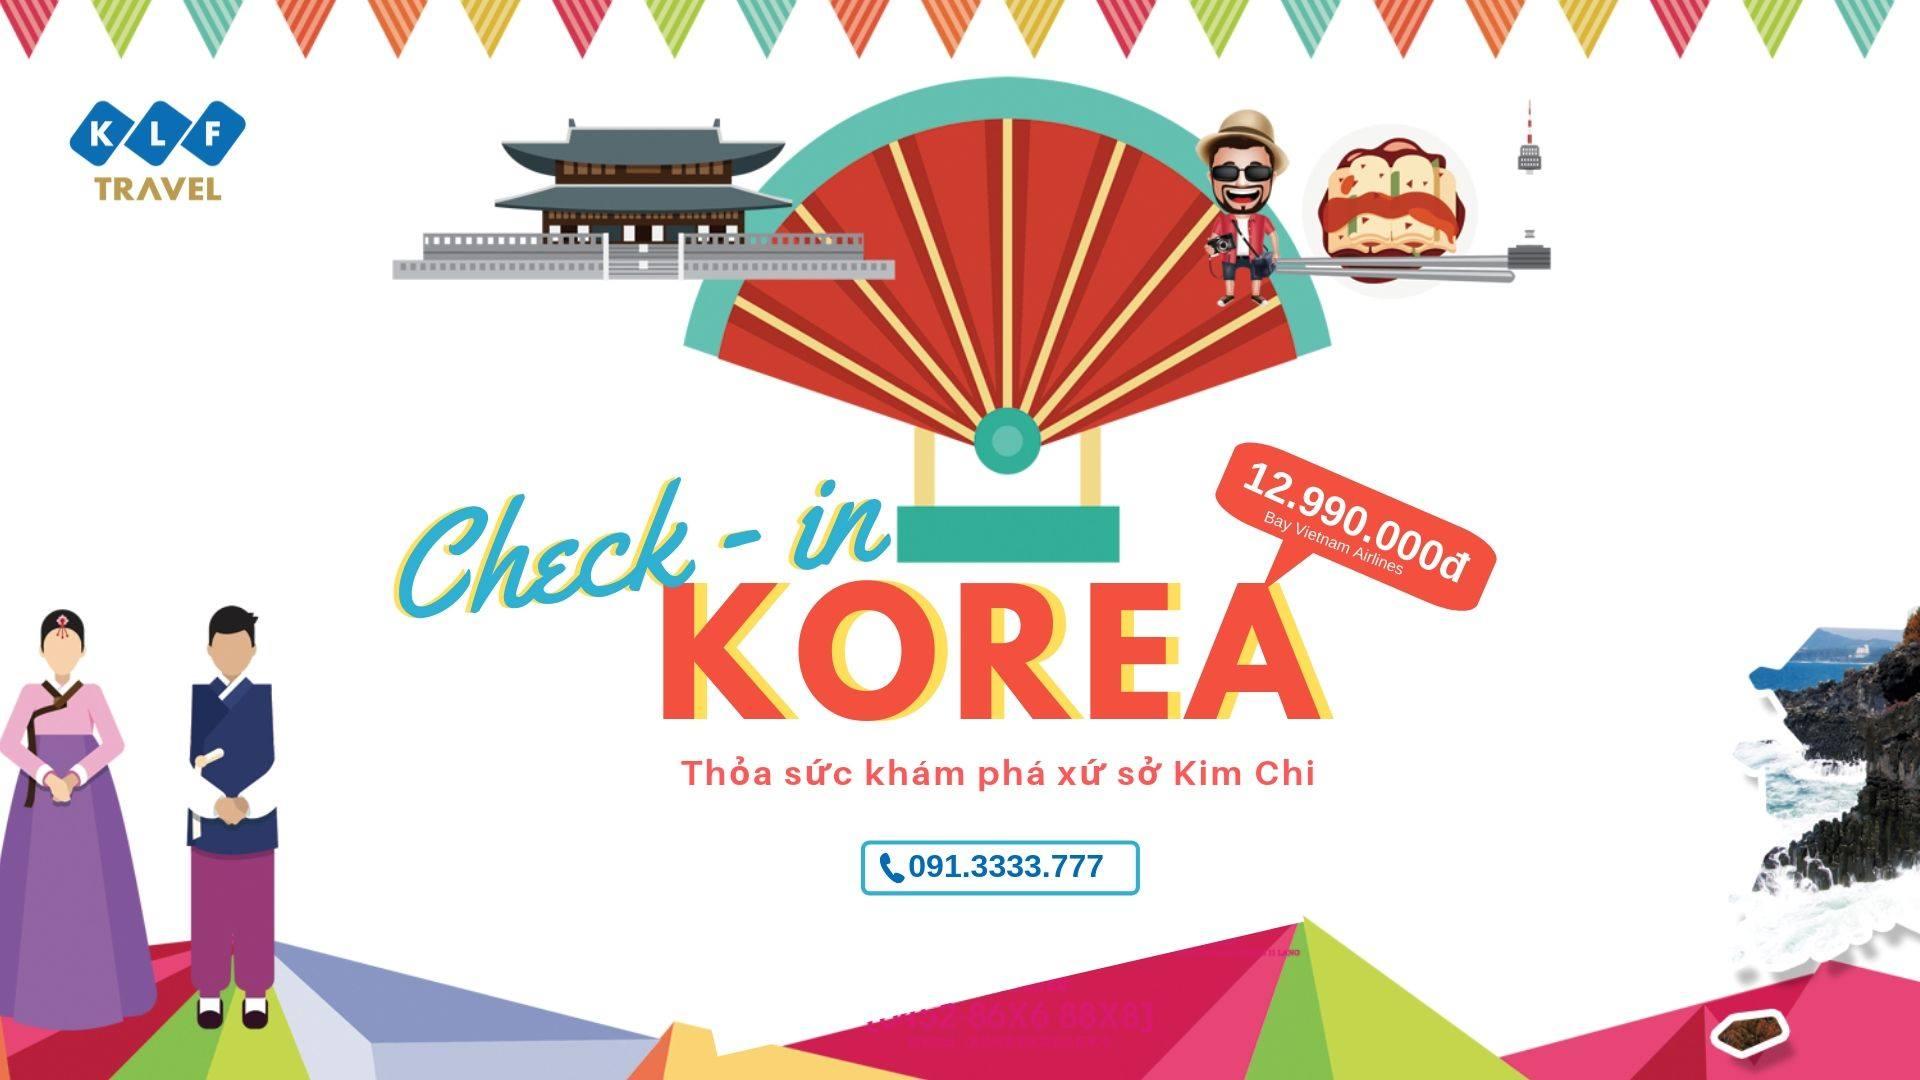 Lạc lối tại Thiên đường tình yêu Hàn với tour Seoul - Nami - Everland 5N4D chỉ 12.990K